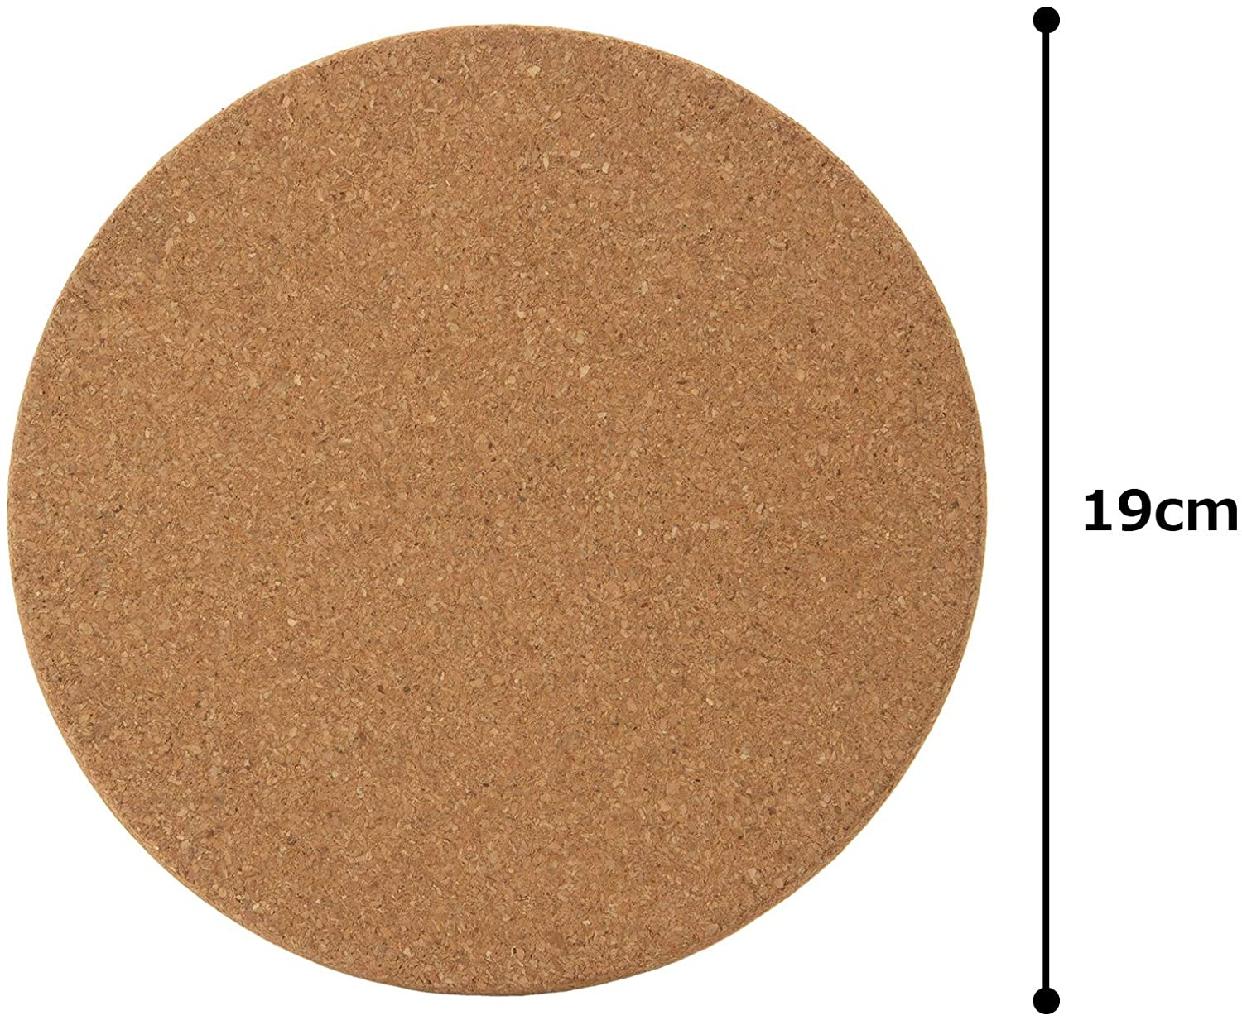 MARULABO(マルラボ) コルクマット ブラウン 10個セット T-693650の商品画像4